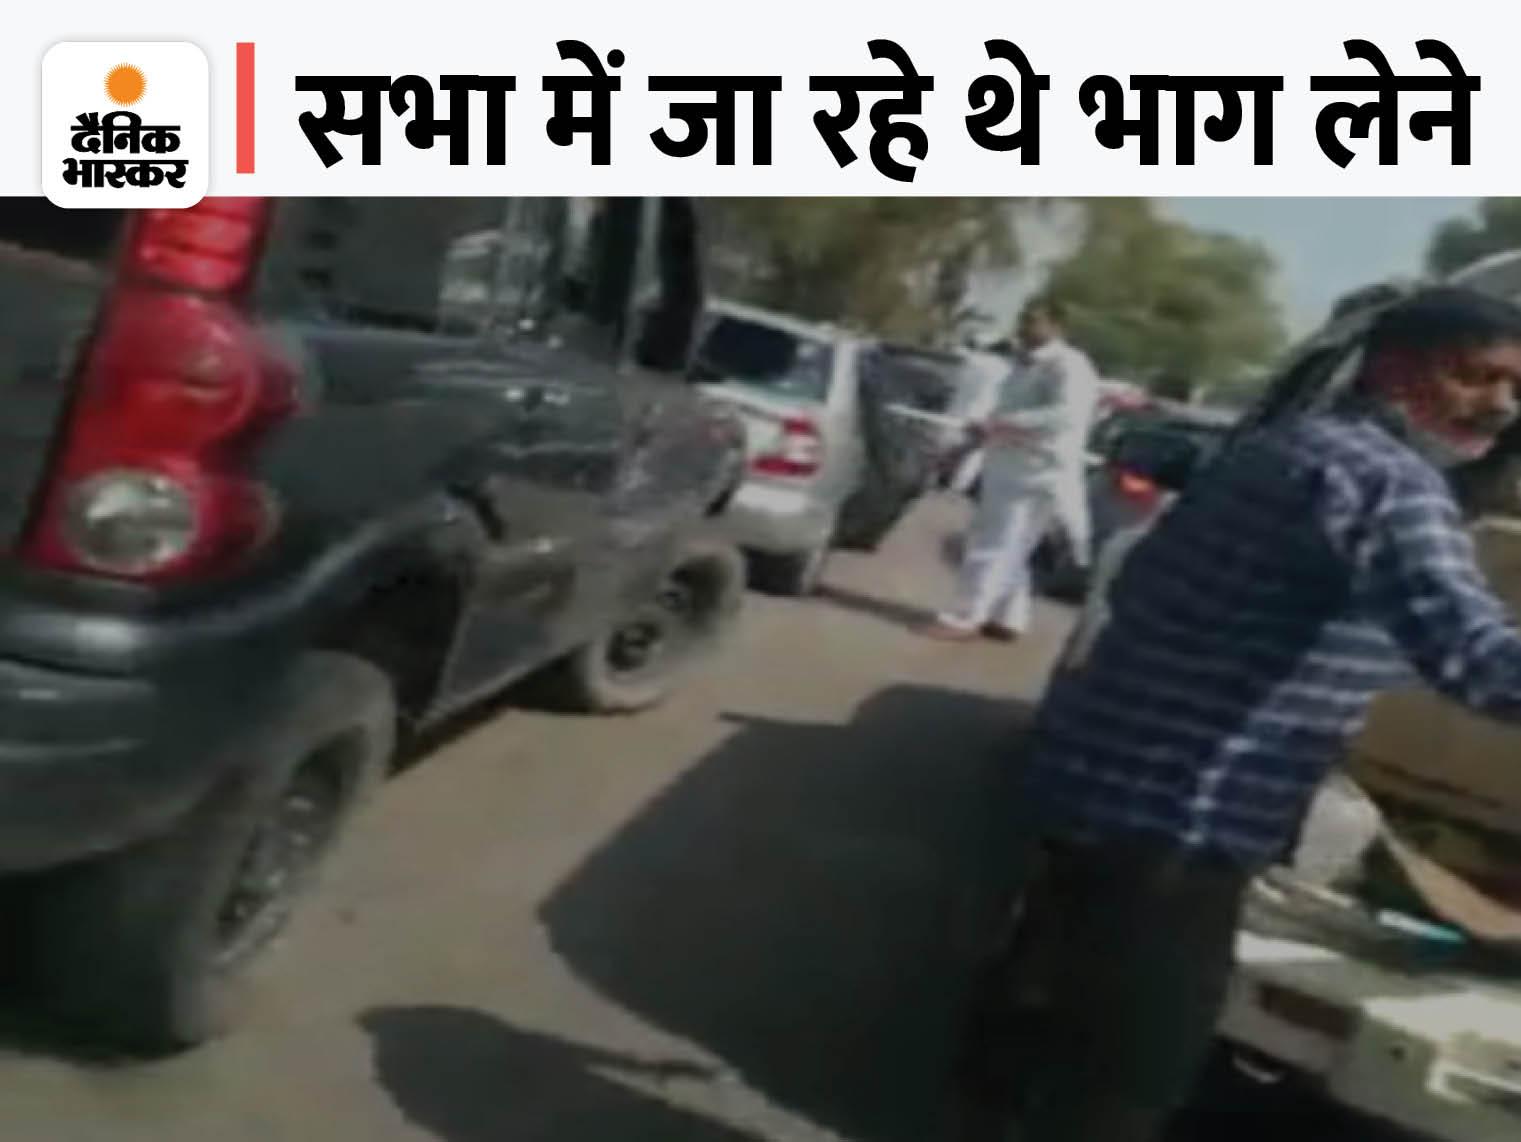 पीलीबंगा-गोलूवाला के बीच गाड़ियों पर मारे गए डंडे, ट्वीट किया- झगड़ा कर गालियां दीं, कार्यकर्ताओं को चोटें आई हैं|हनुमानगढ़,Hanumangarh - Dainik Bhaskar